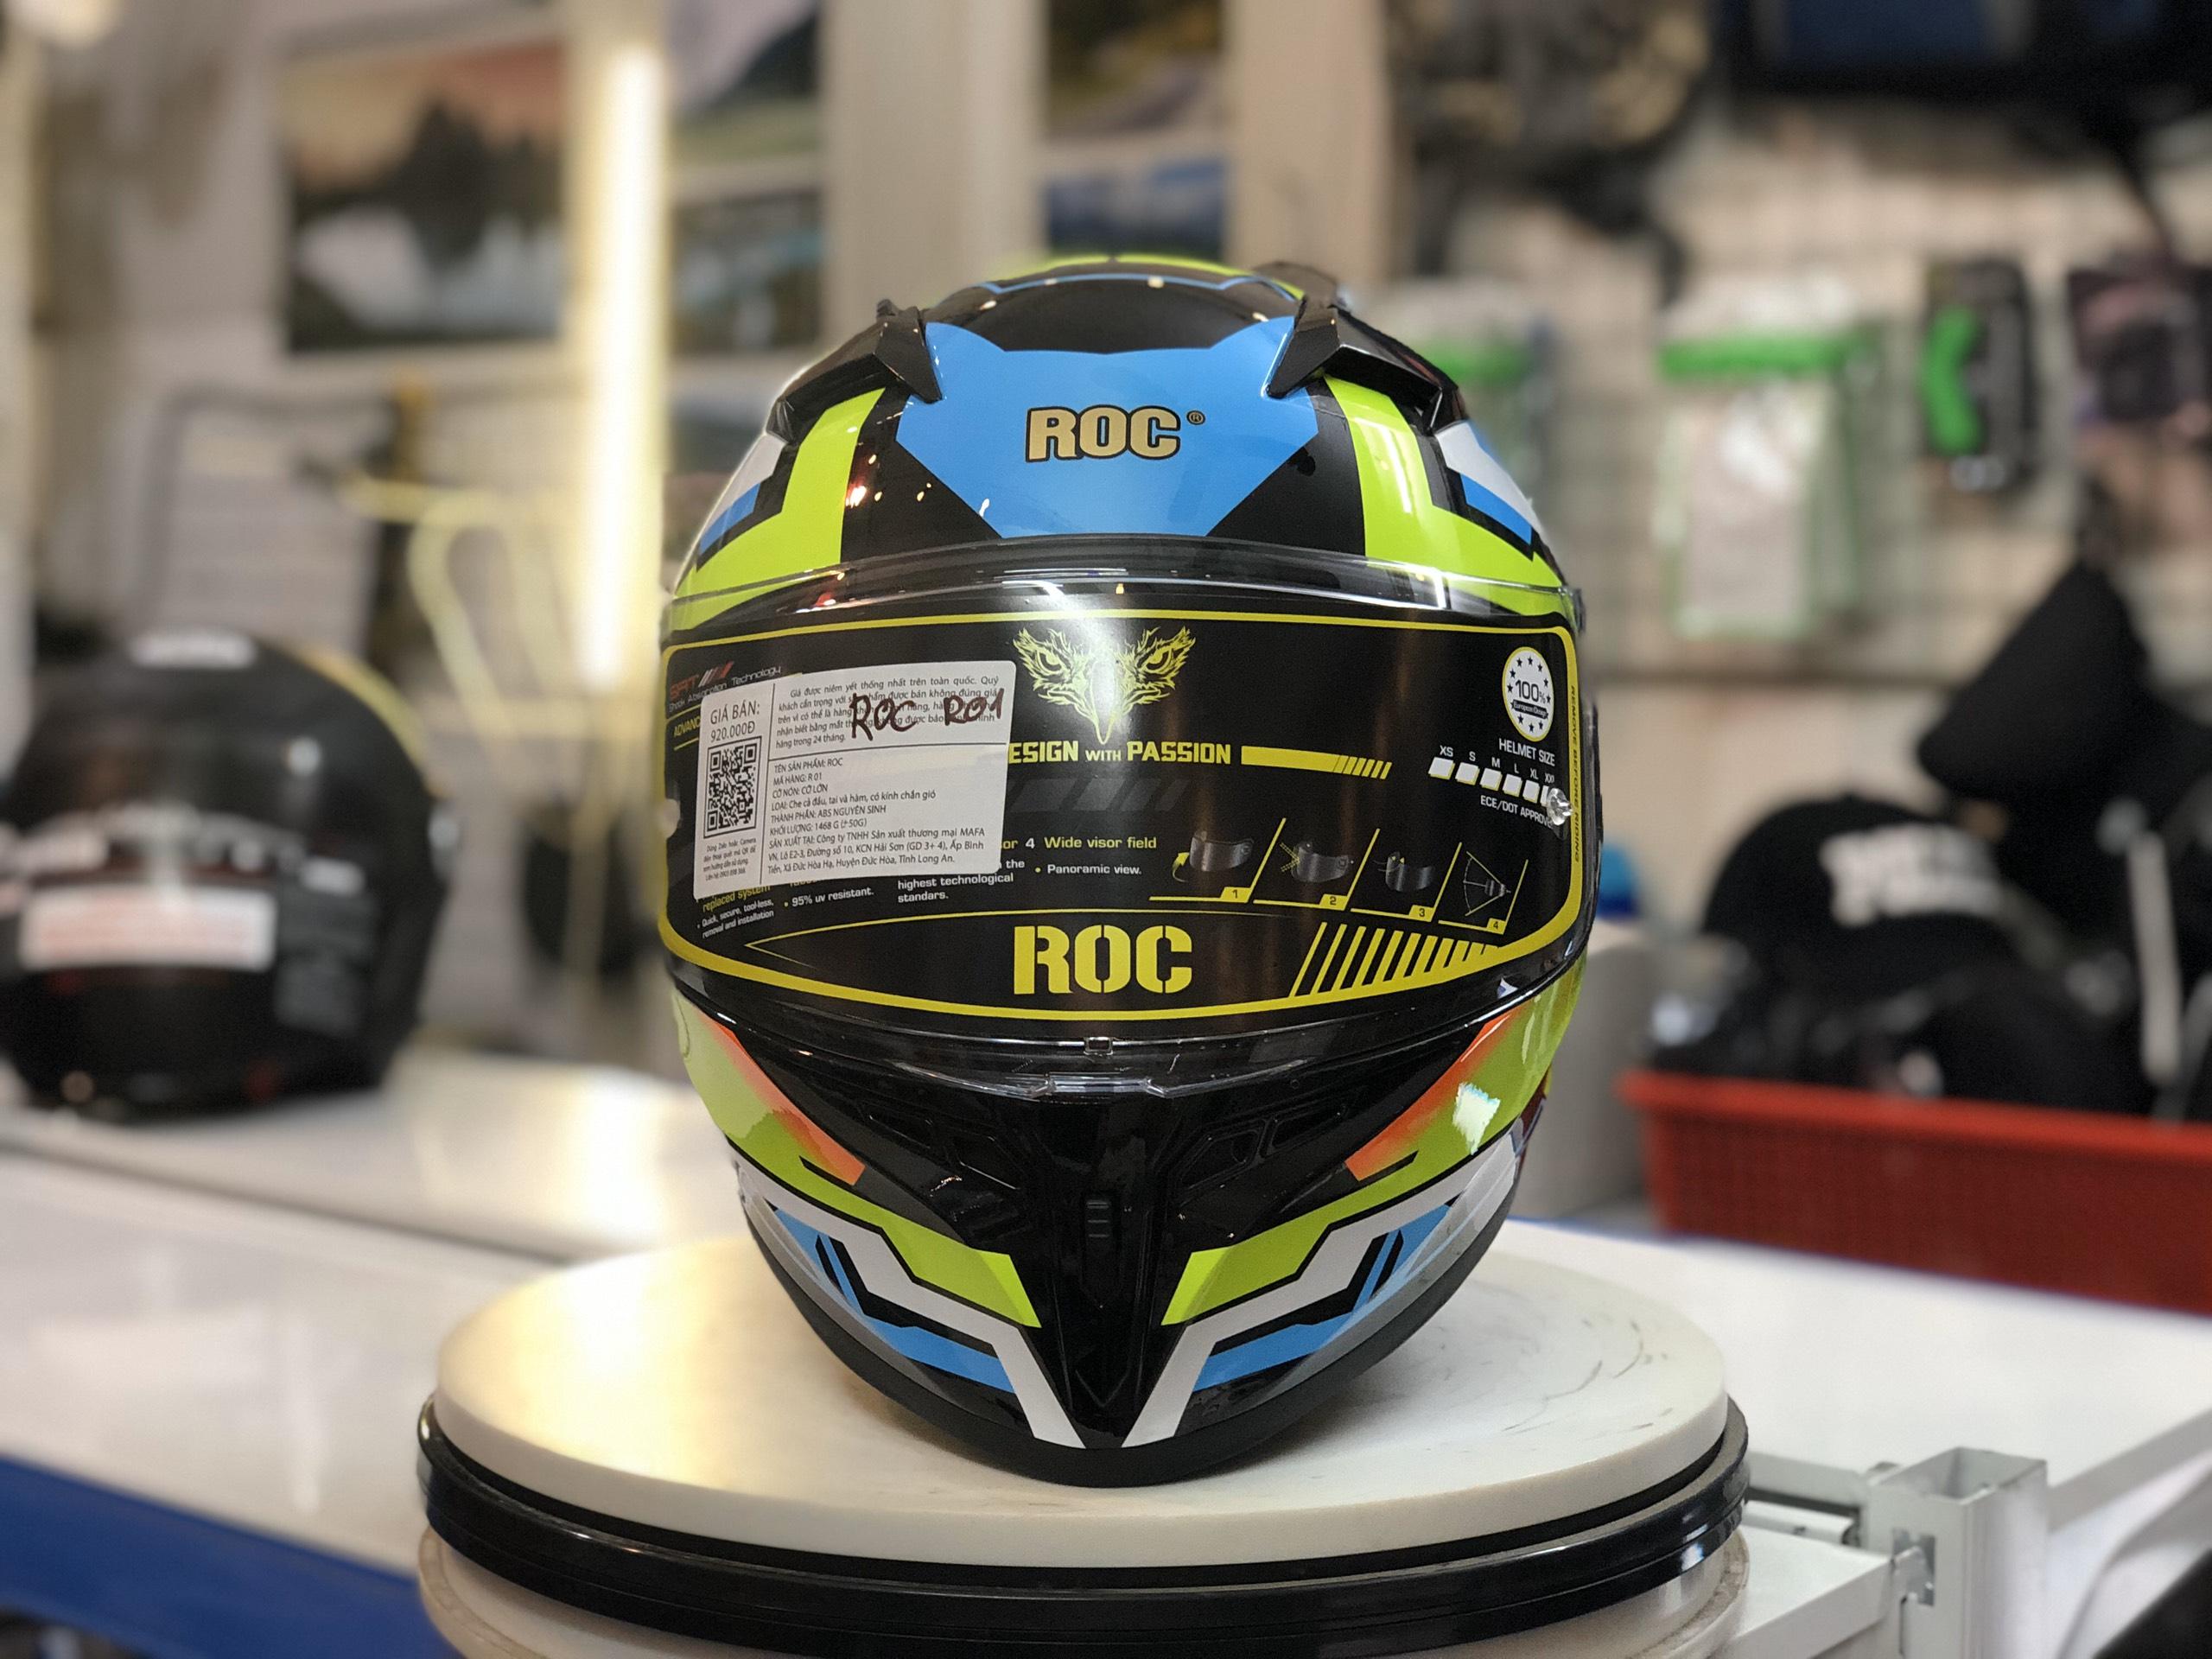 Mũ bảo hiểm Roc R01 Xanh lá (5)